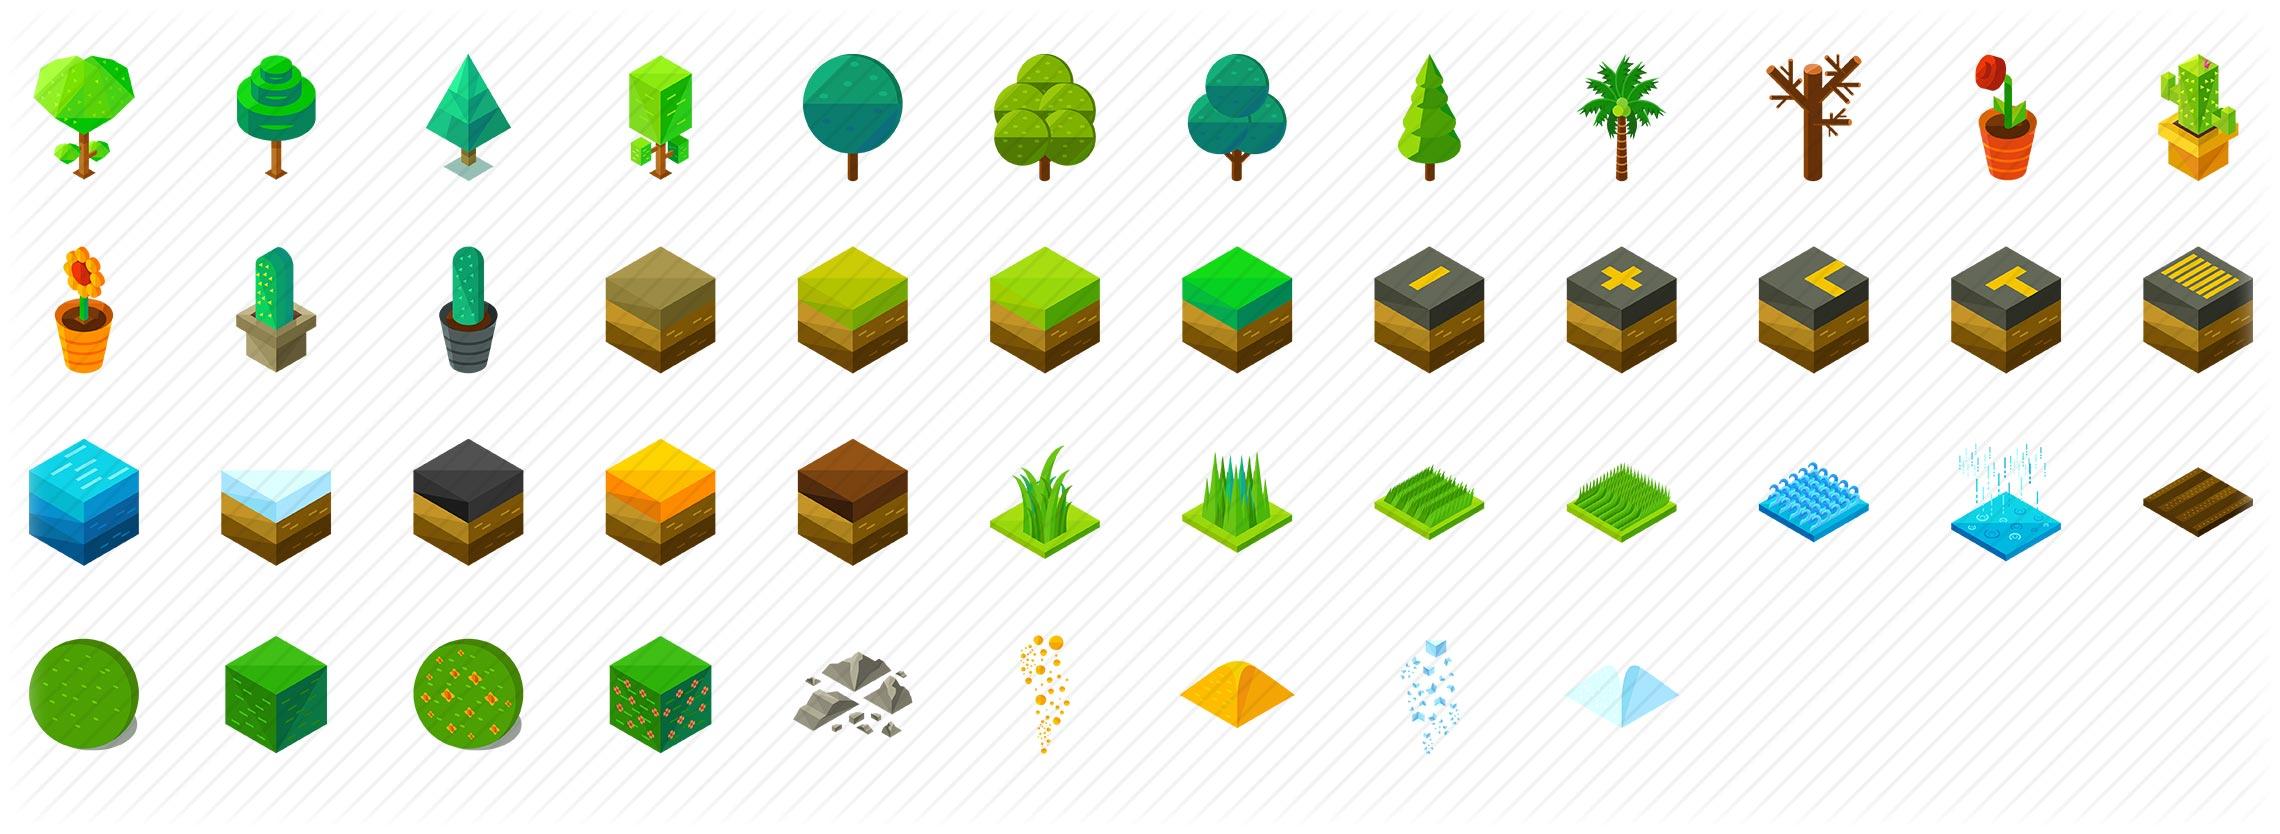 Nature Elements Isometric Icons